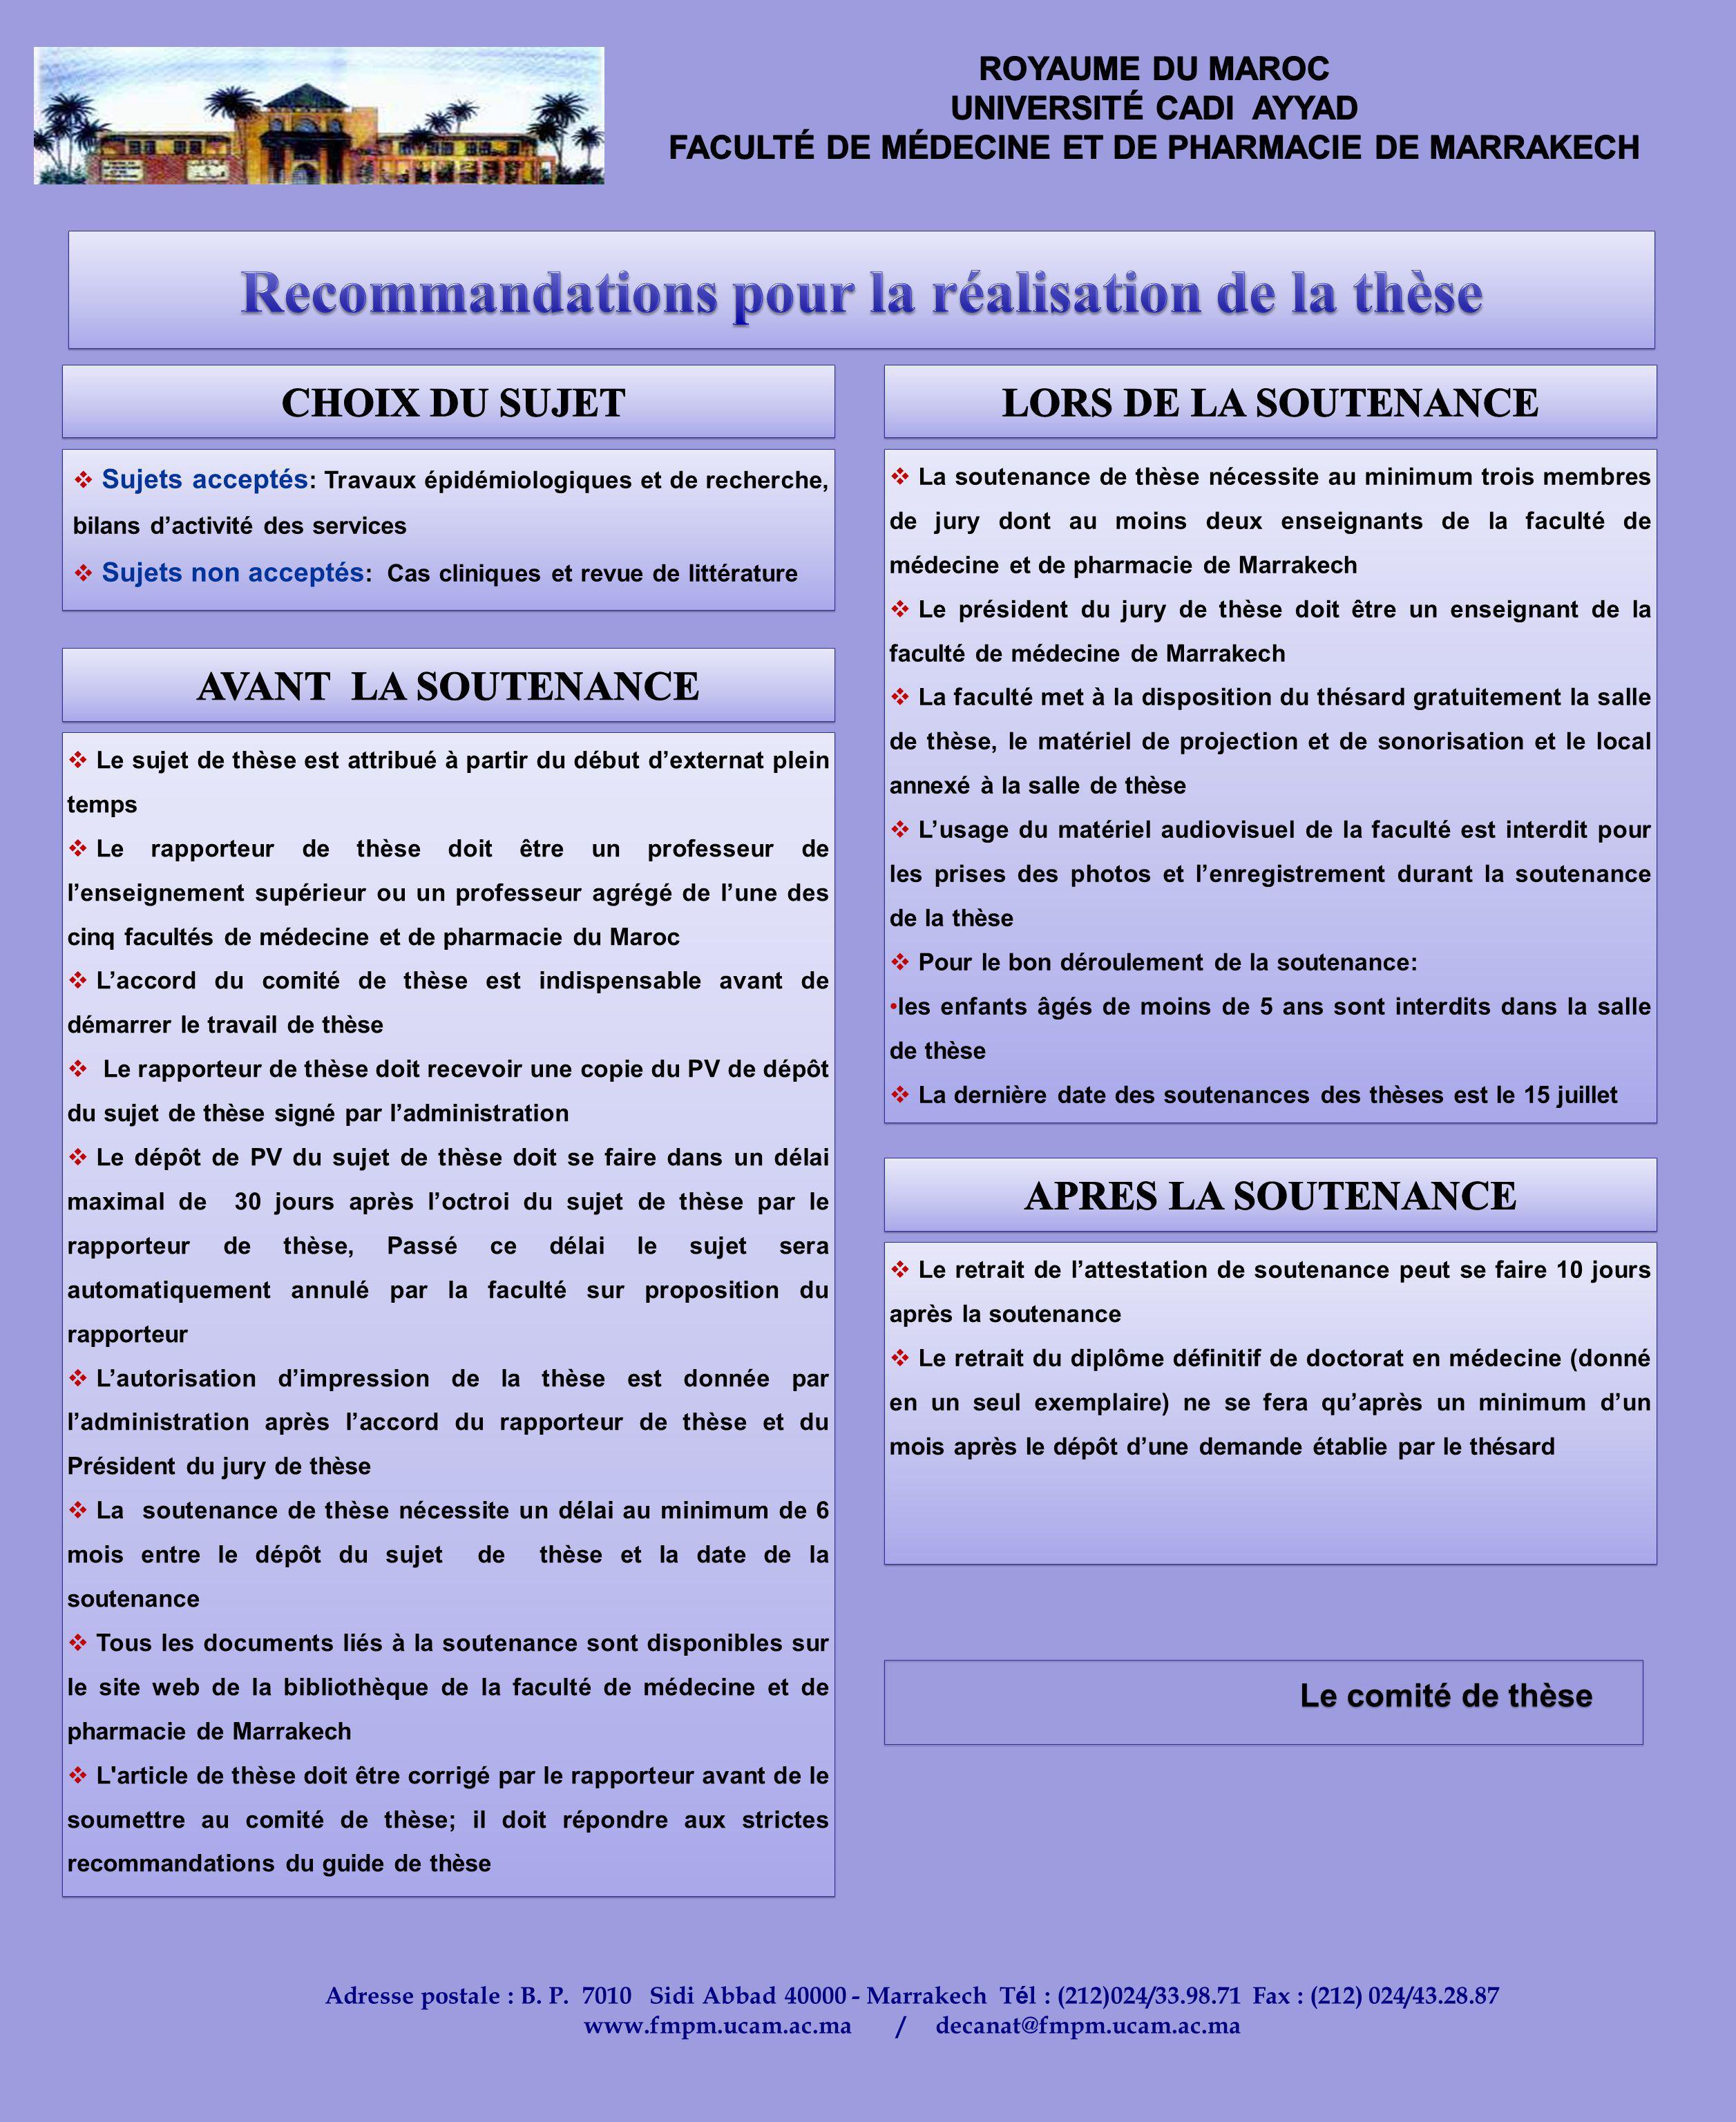 Recommandations pour la réalisation de la thèse